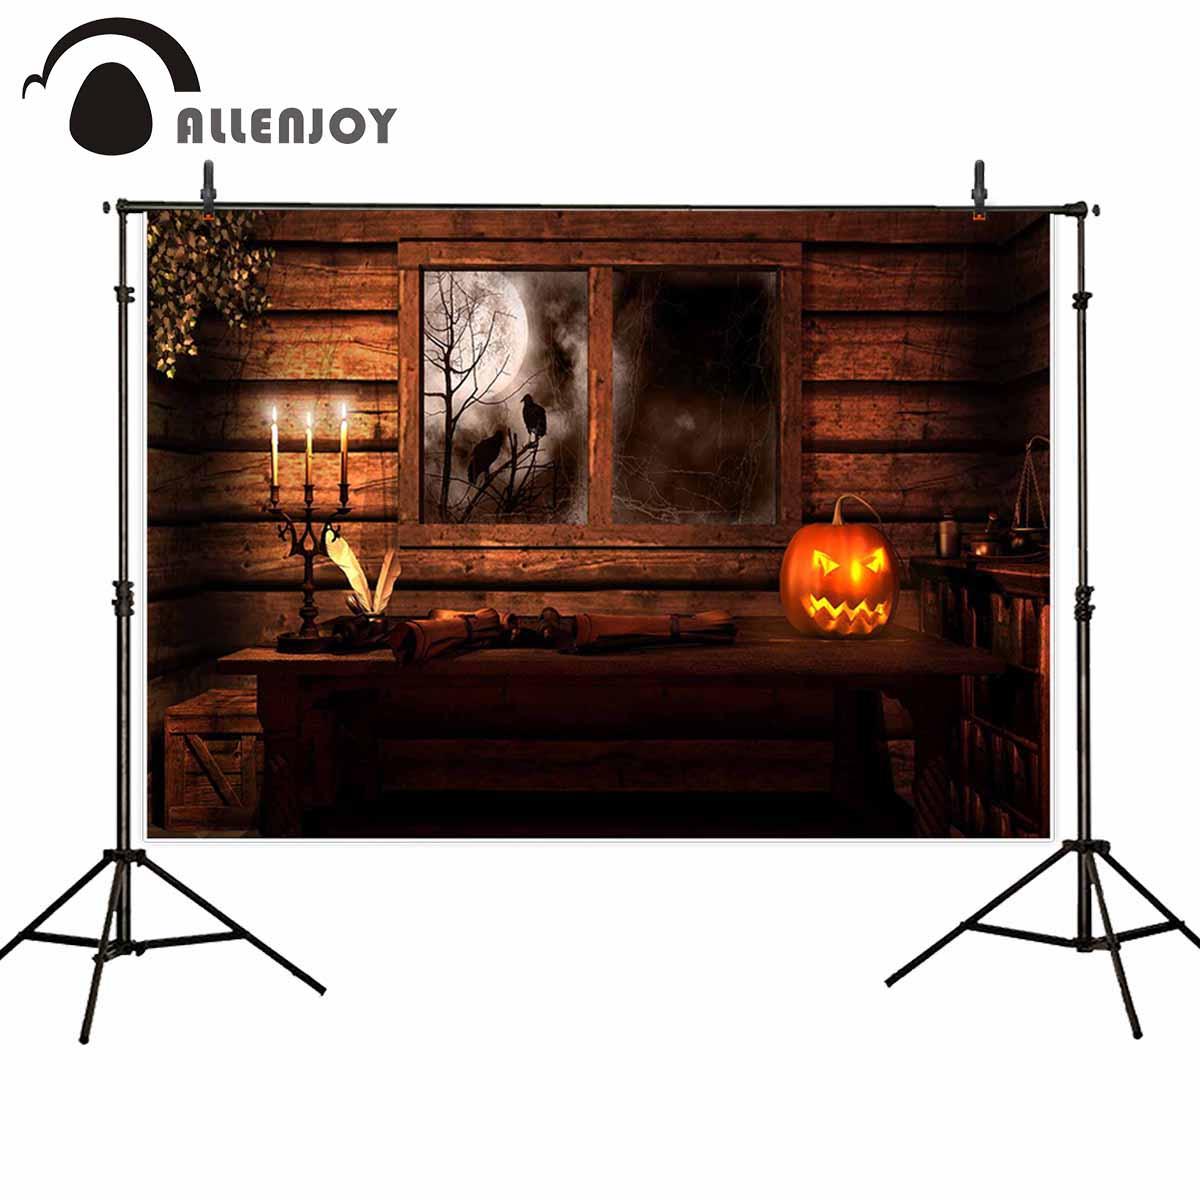 Allenjoy fondos fotográficos ventana calabaza linterna Noche Oscura árbol fiesta madera telón de fondo cabina de estudio fotográfico photocall